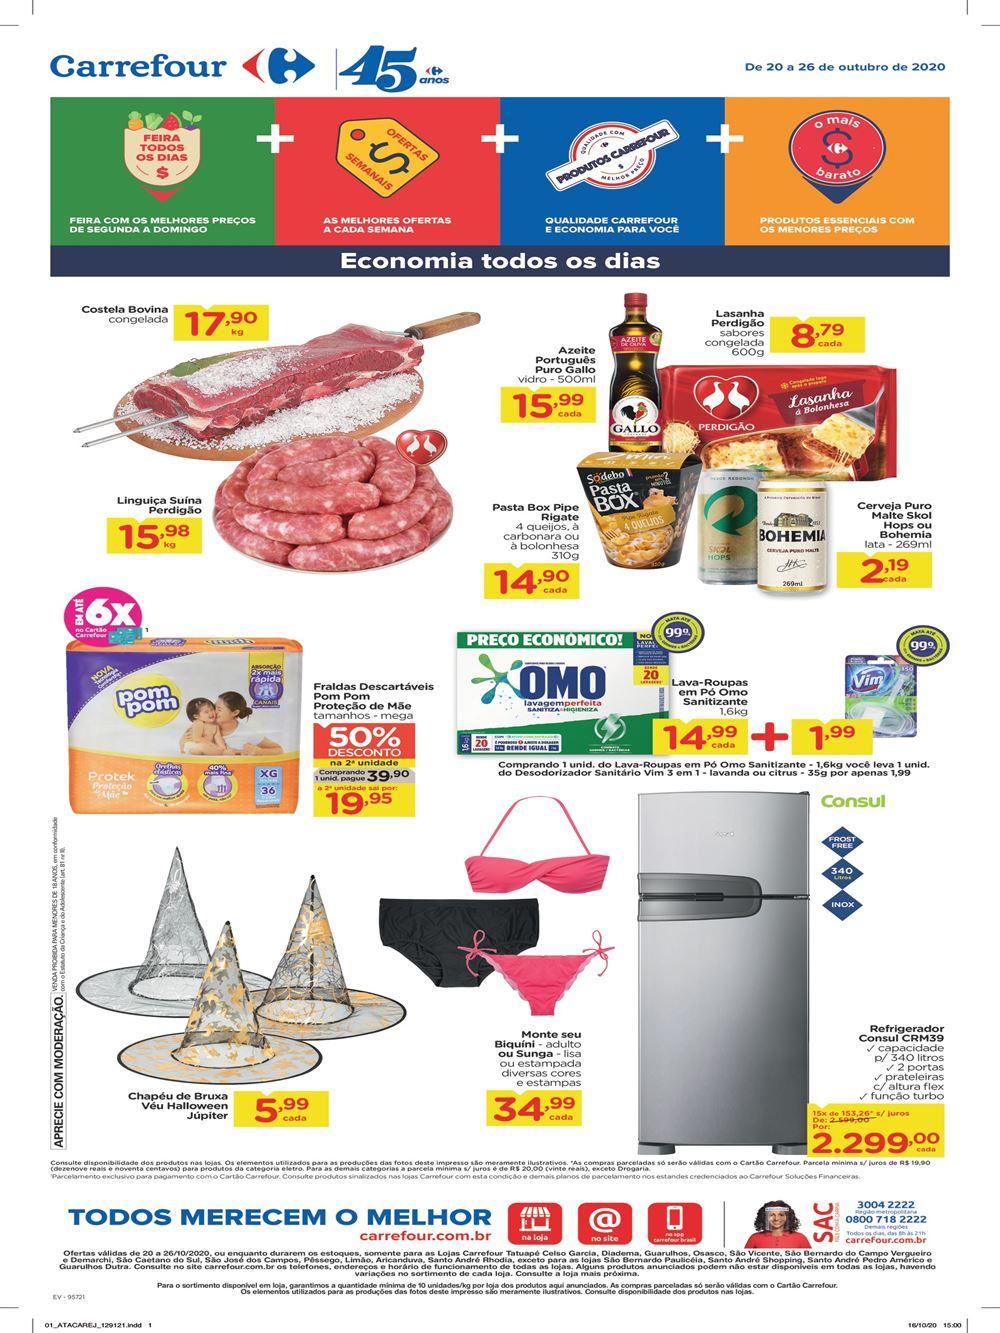 carrefour-ofertas-descontos-hoje1-2 Ofertas de supermercados - Economize